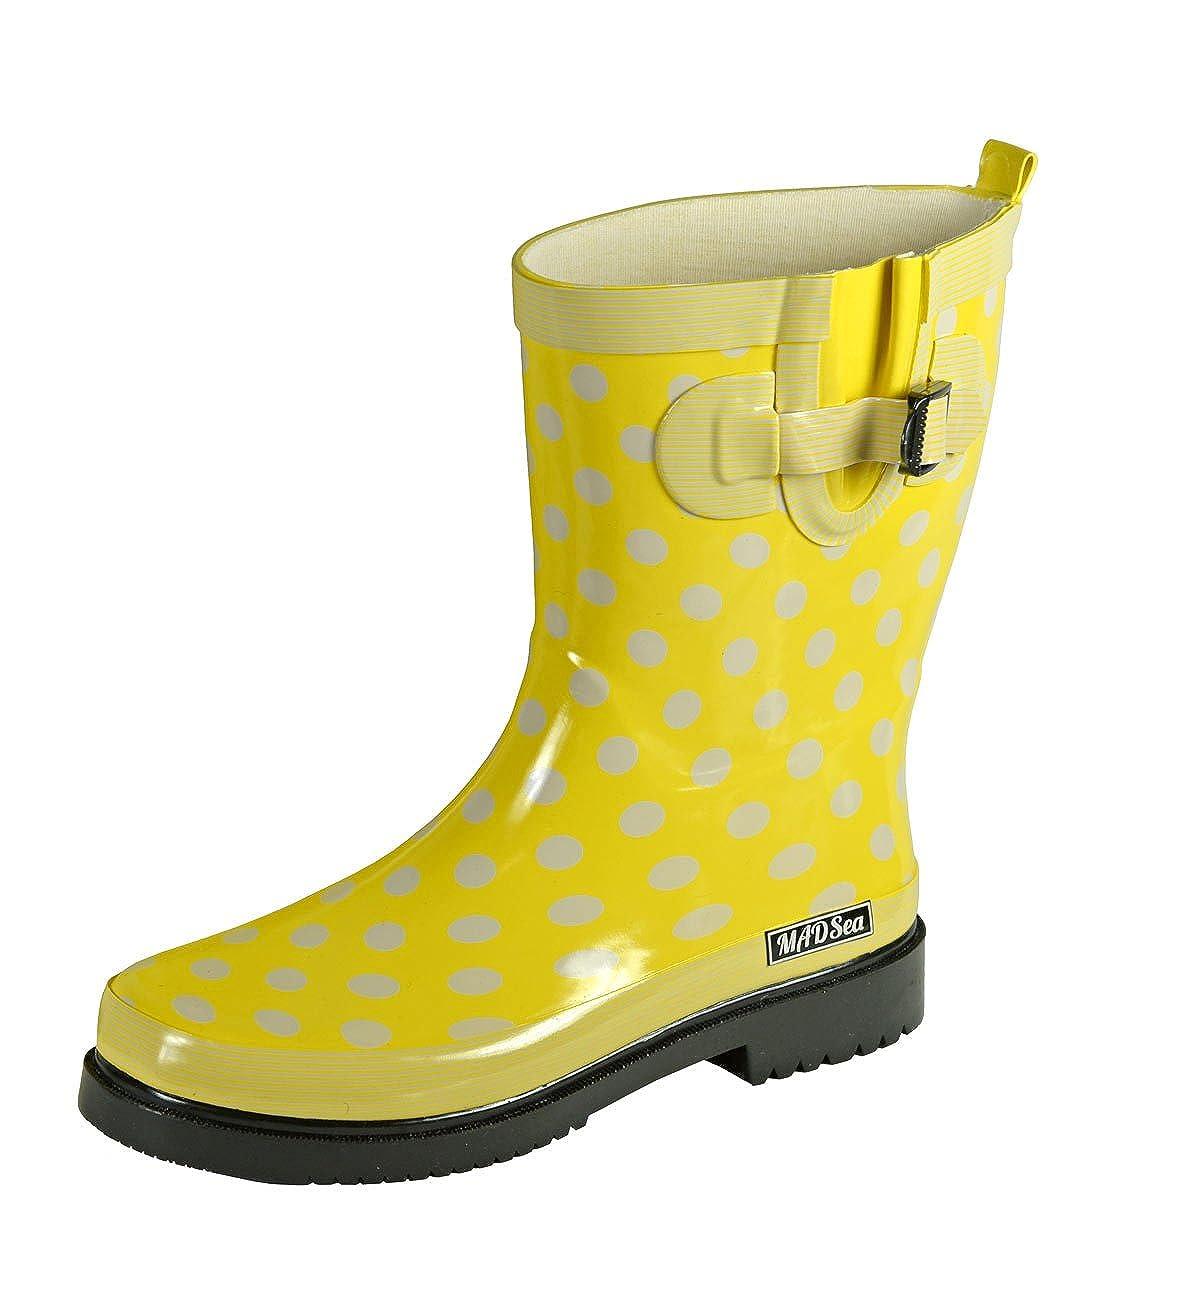 MADSea Bottes en Caoutchouc Femme Ocean - Jaune  Amazon.fr  Chaussures et  Sacs 3794406b9e54